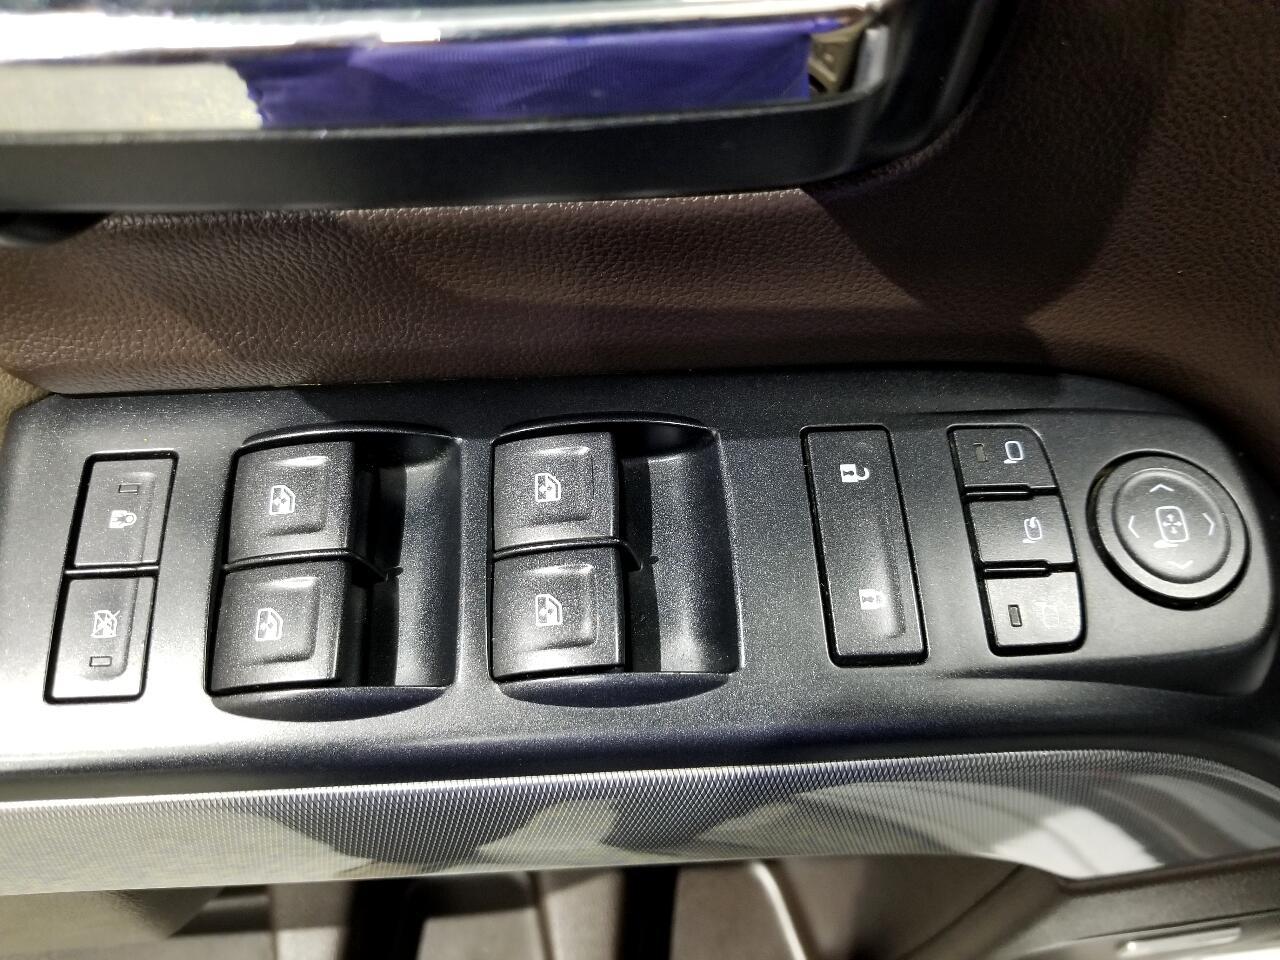 2014 Chevrolet Silverado 1500 Crew Cab Crew Cab 143.5